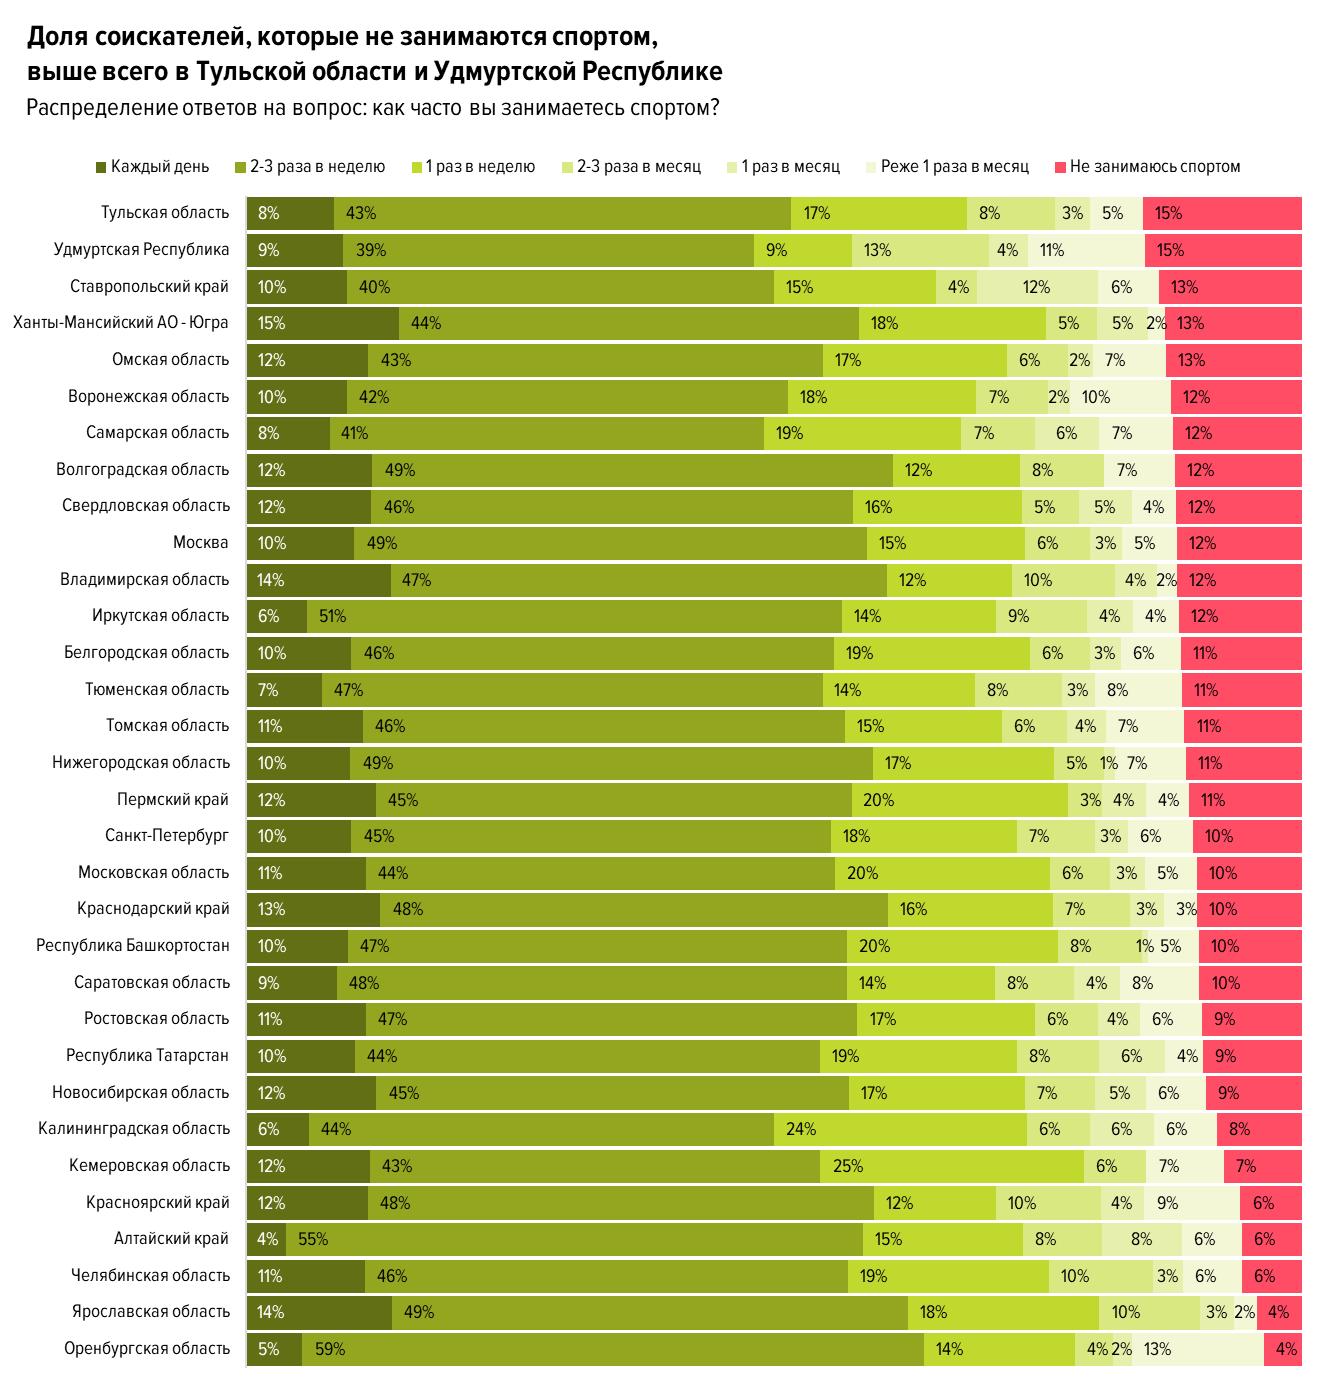 Россияне оценили популярность спорта в компаниях на двойку